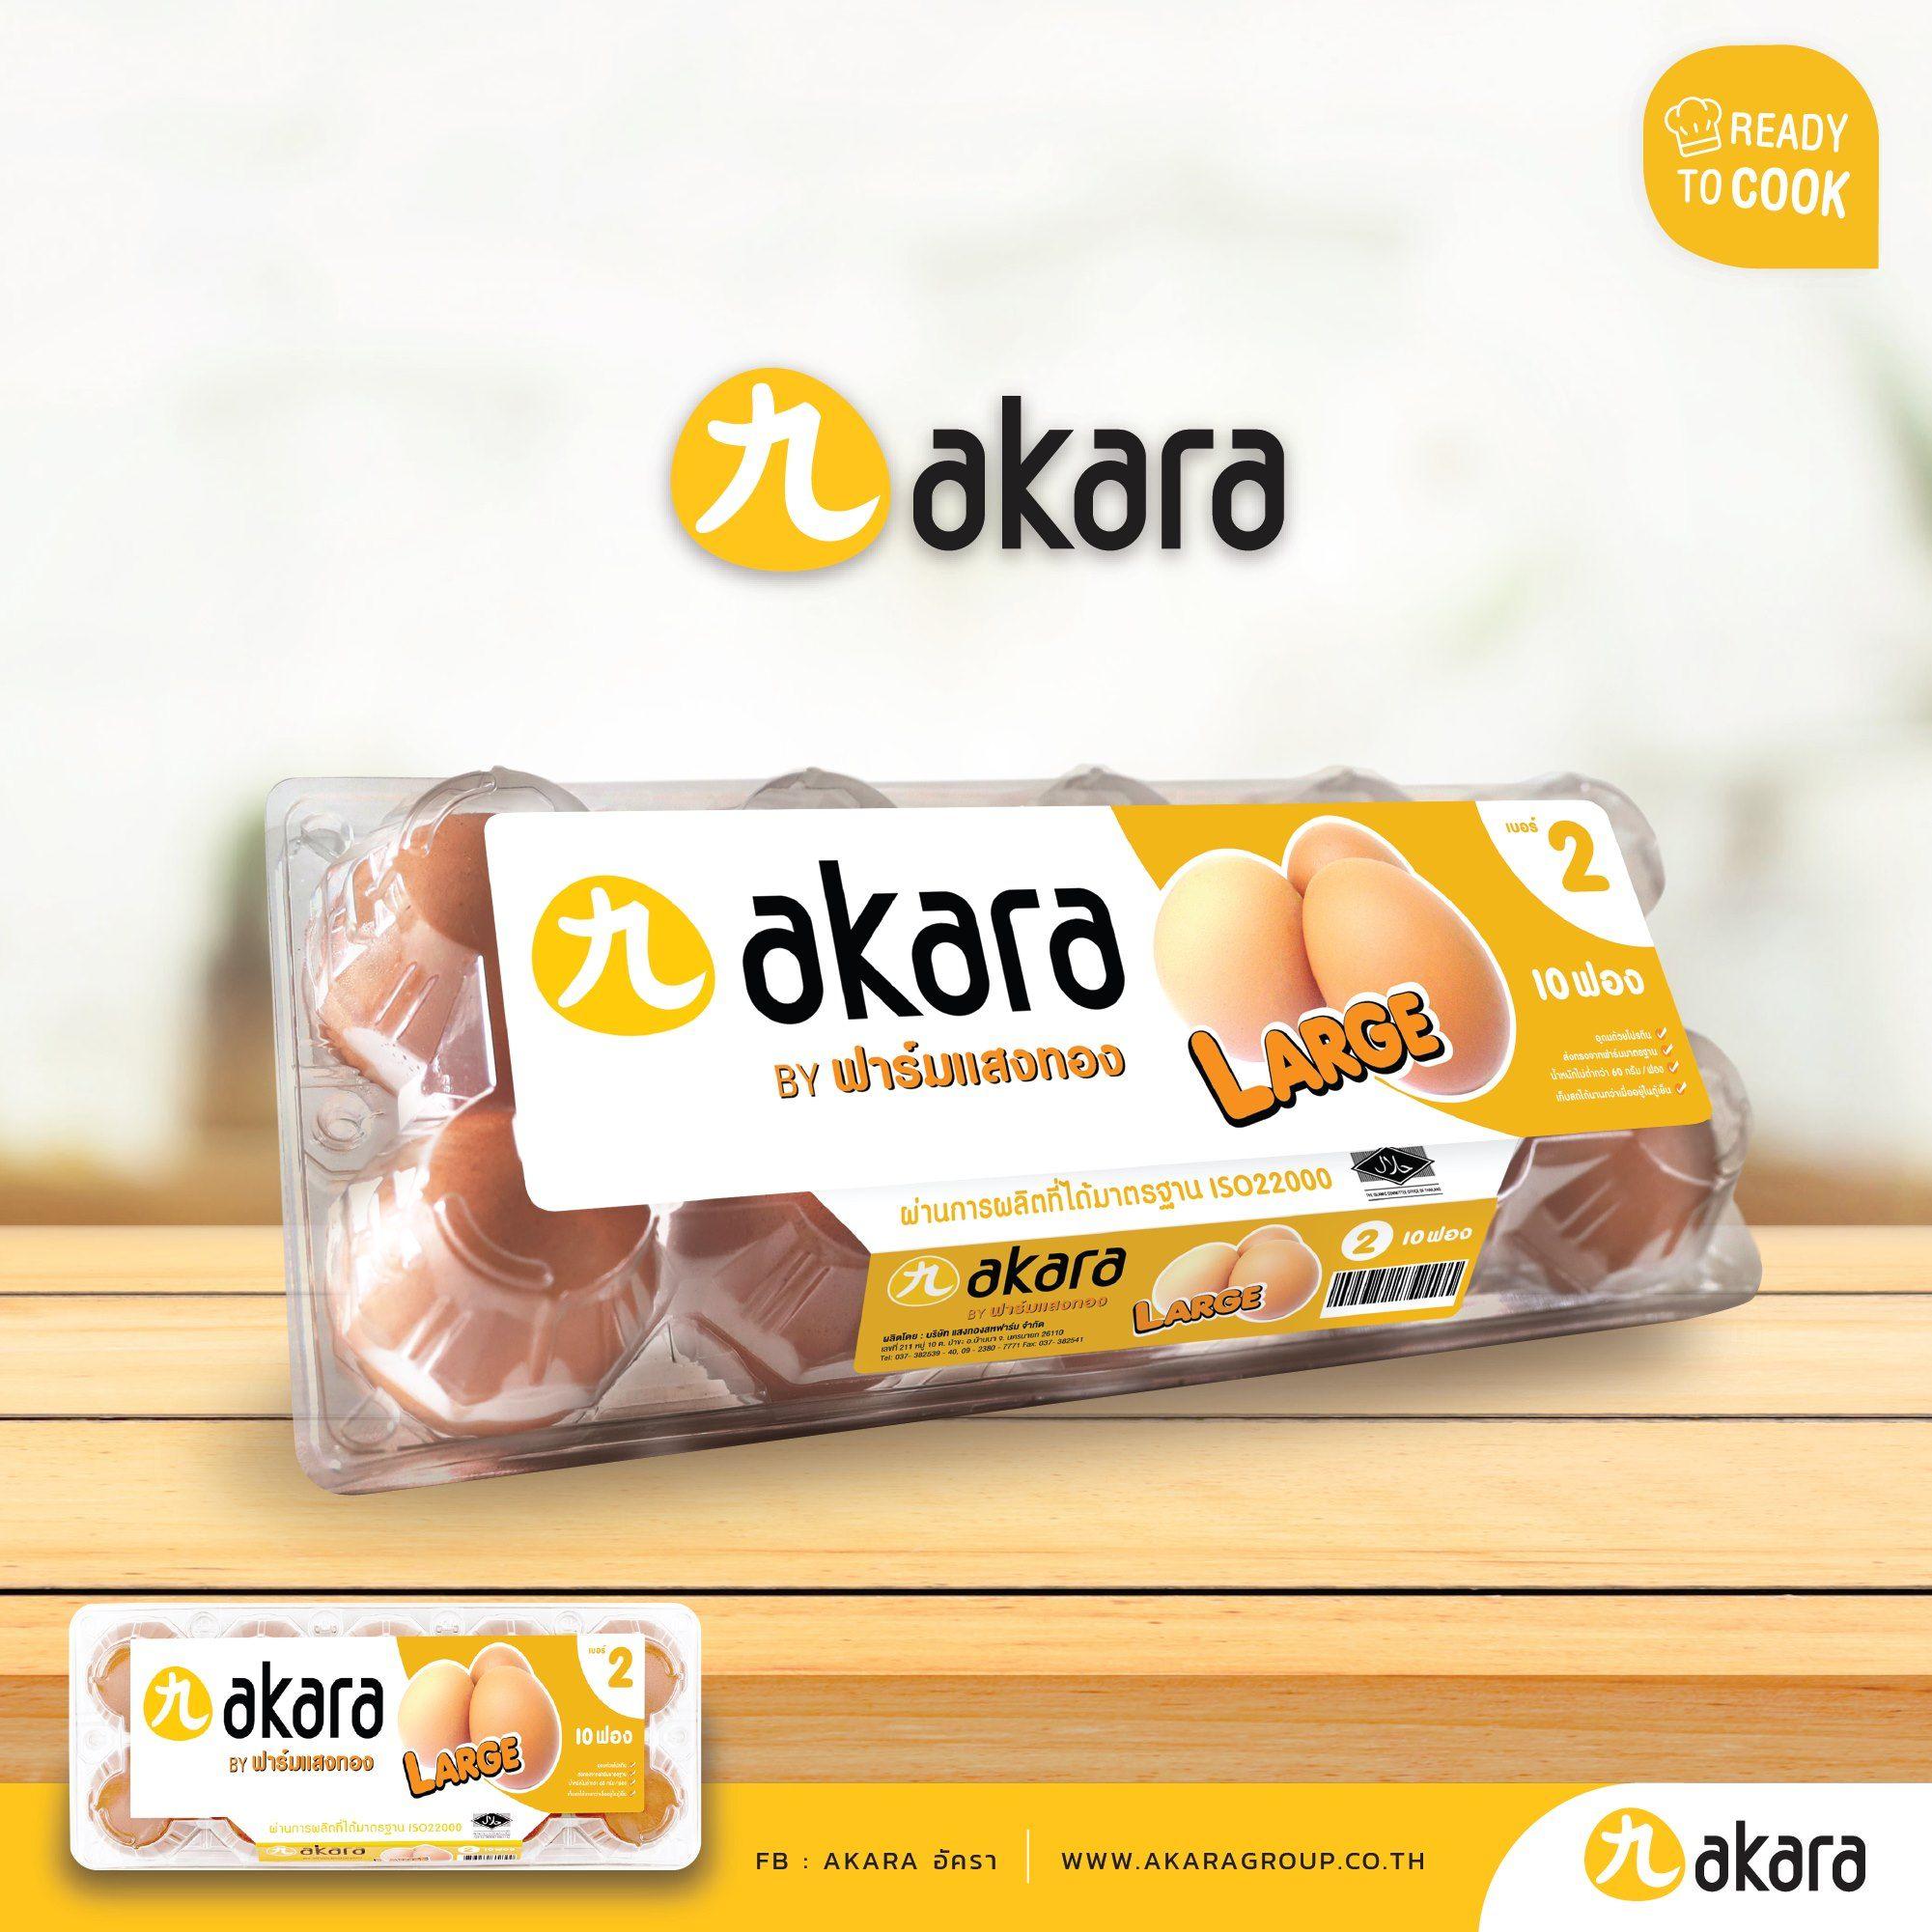 ไข ไก Akara ไข ไก ท เหมาะก บการทำขนม 5 Easy Bakery Recipes Bakery Recipes Snacks Food